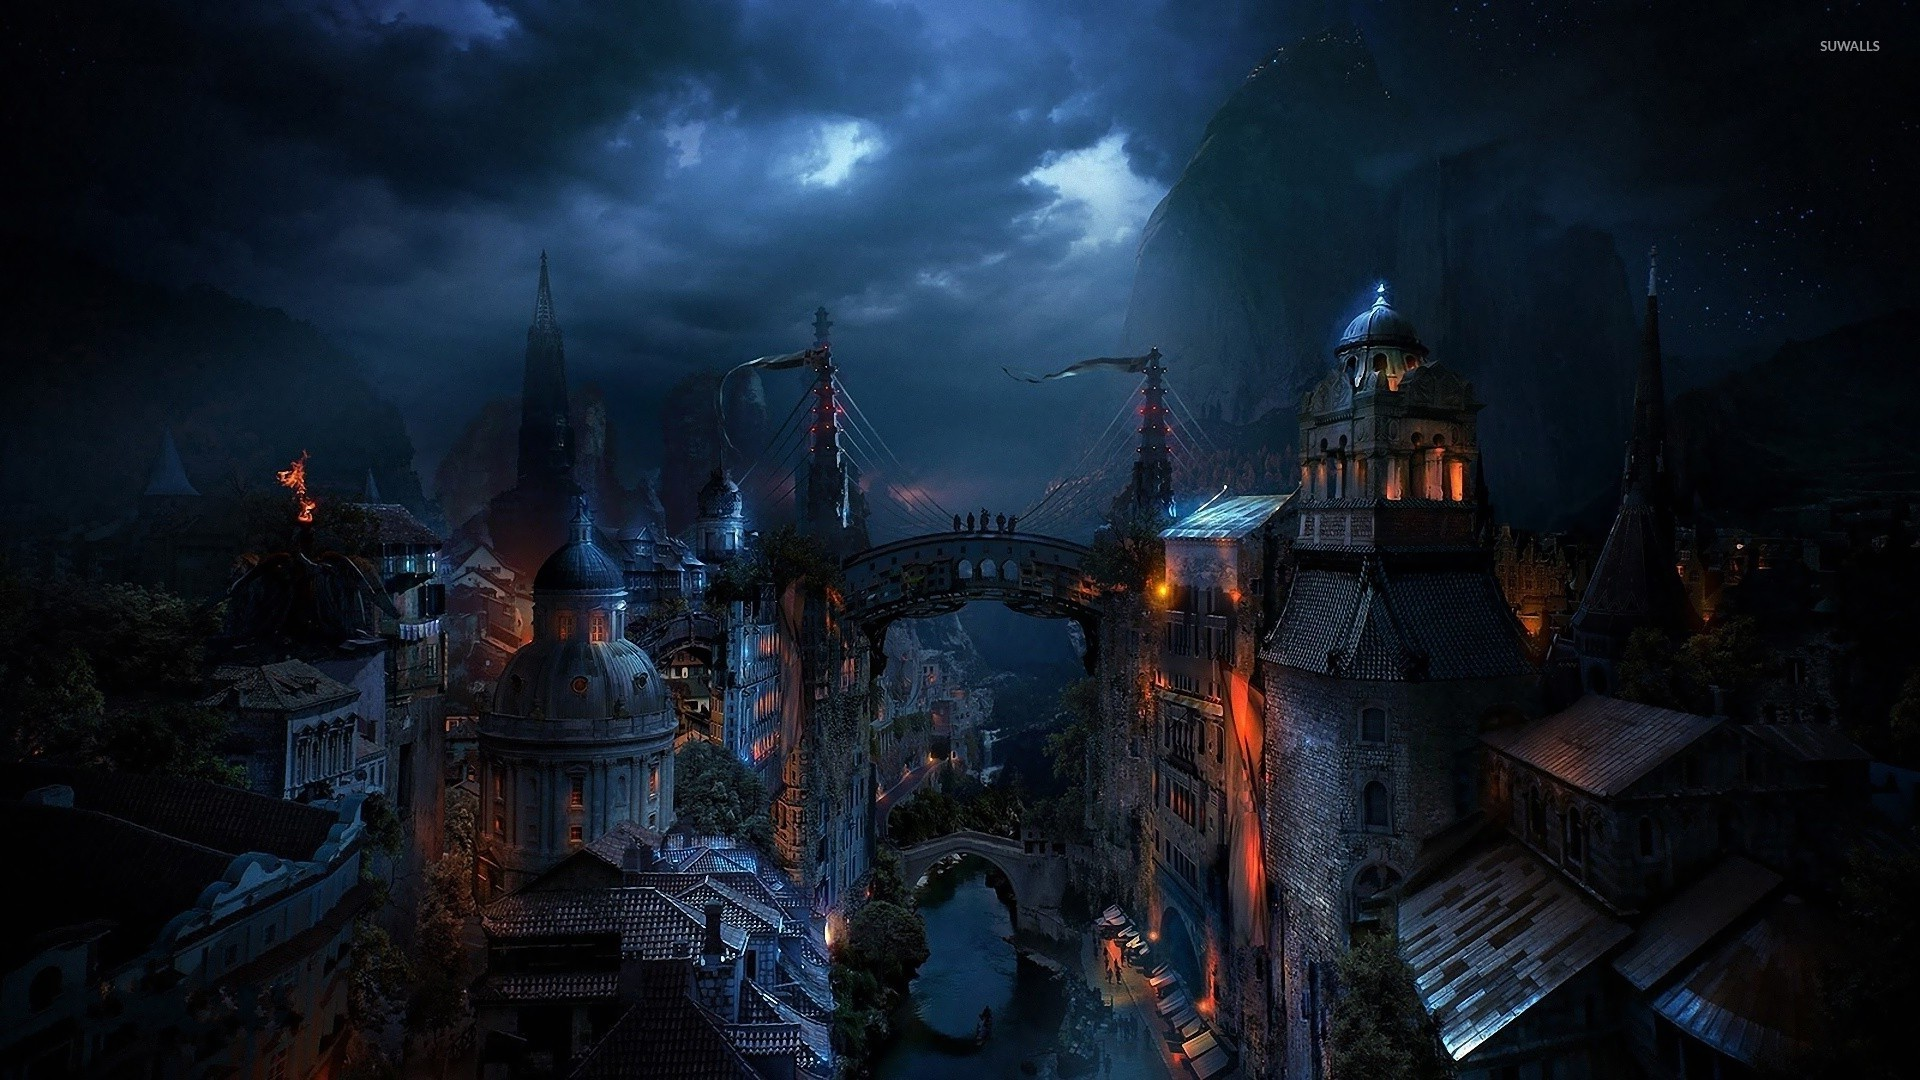 Dark city wallpaper   Fantasy wallpapers   23052 1920x1080